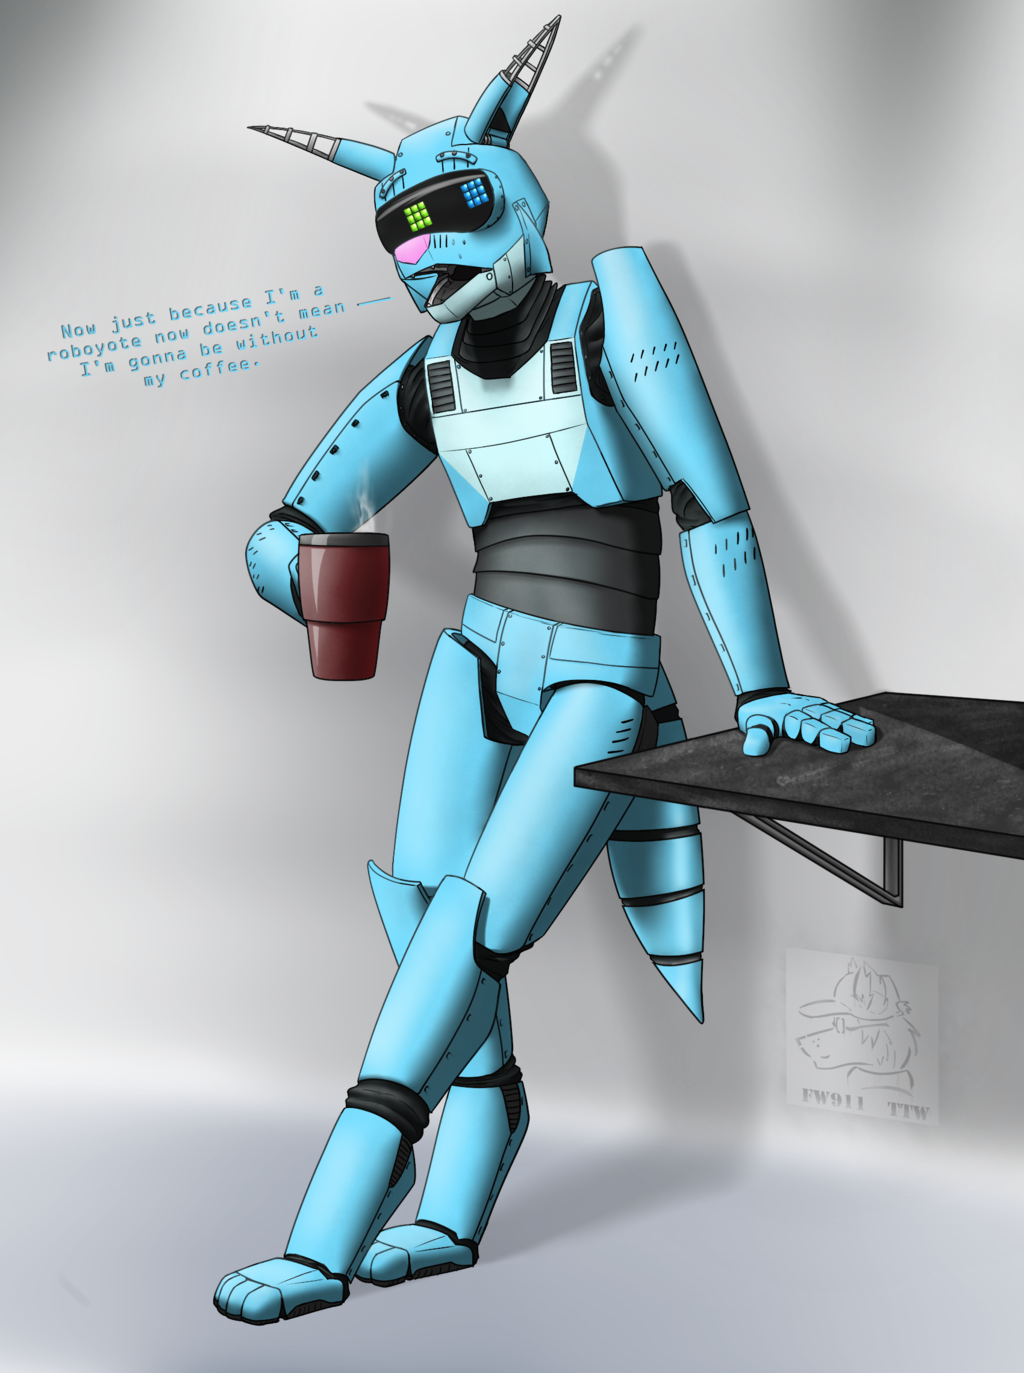 Roboyote